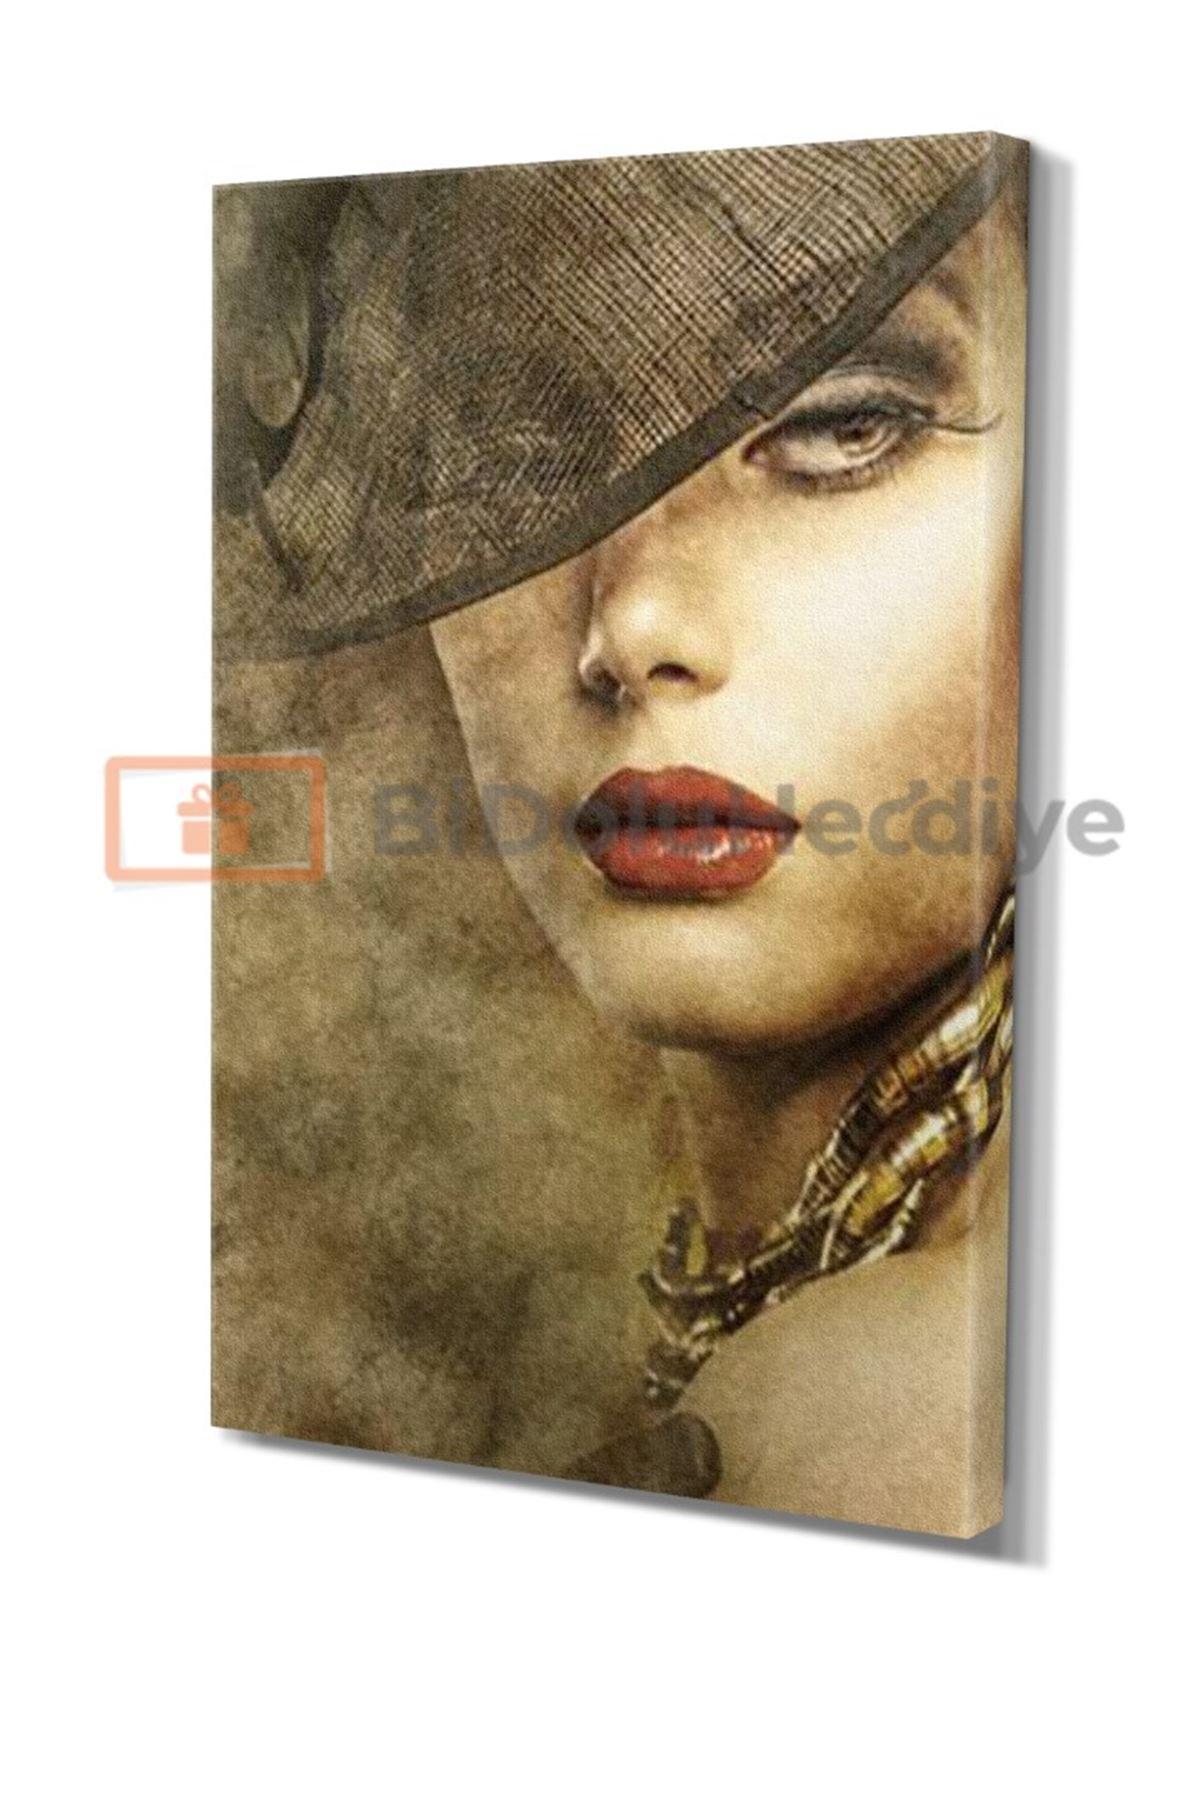 Beautiful Woman In Hat And Makeup, Şapkalı Güzel Kadın Ve Makyaj